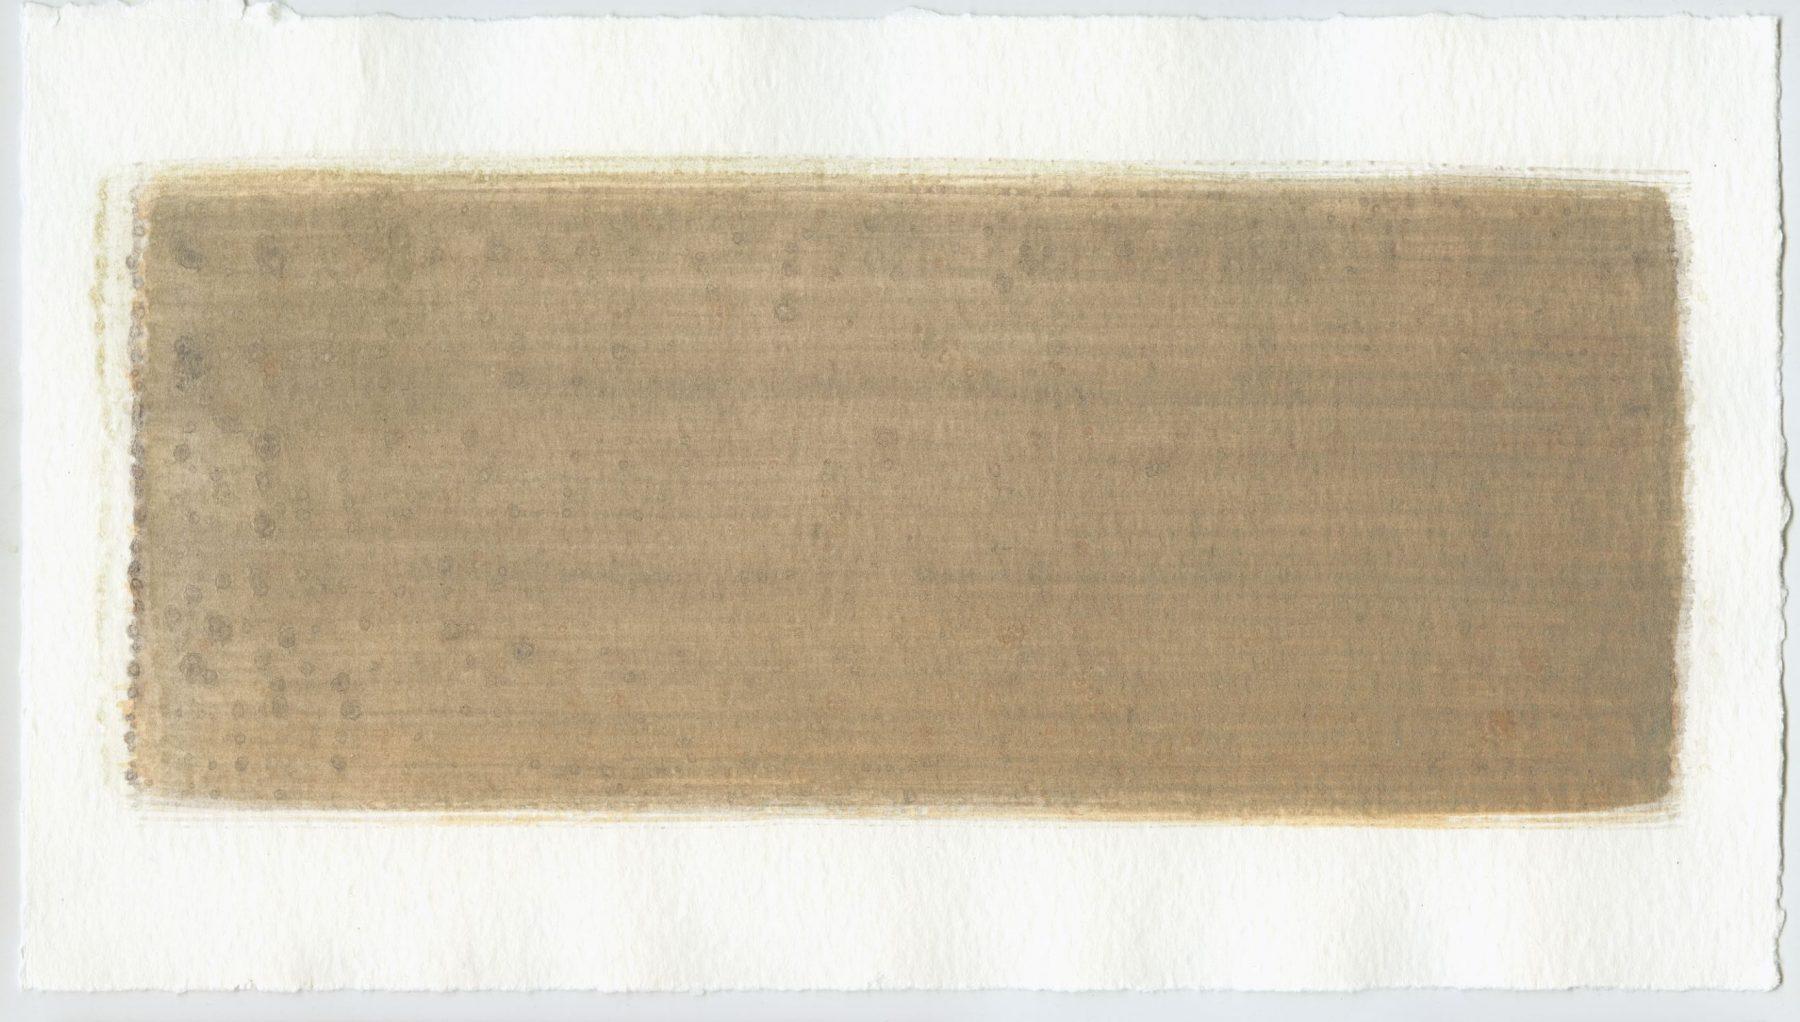 Brush stroke no. 45 - Selfmade pigment: Boekels roze, Mortel paarsgrijs fijn, Perekker grijs gebrand